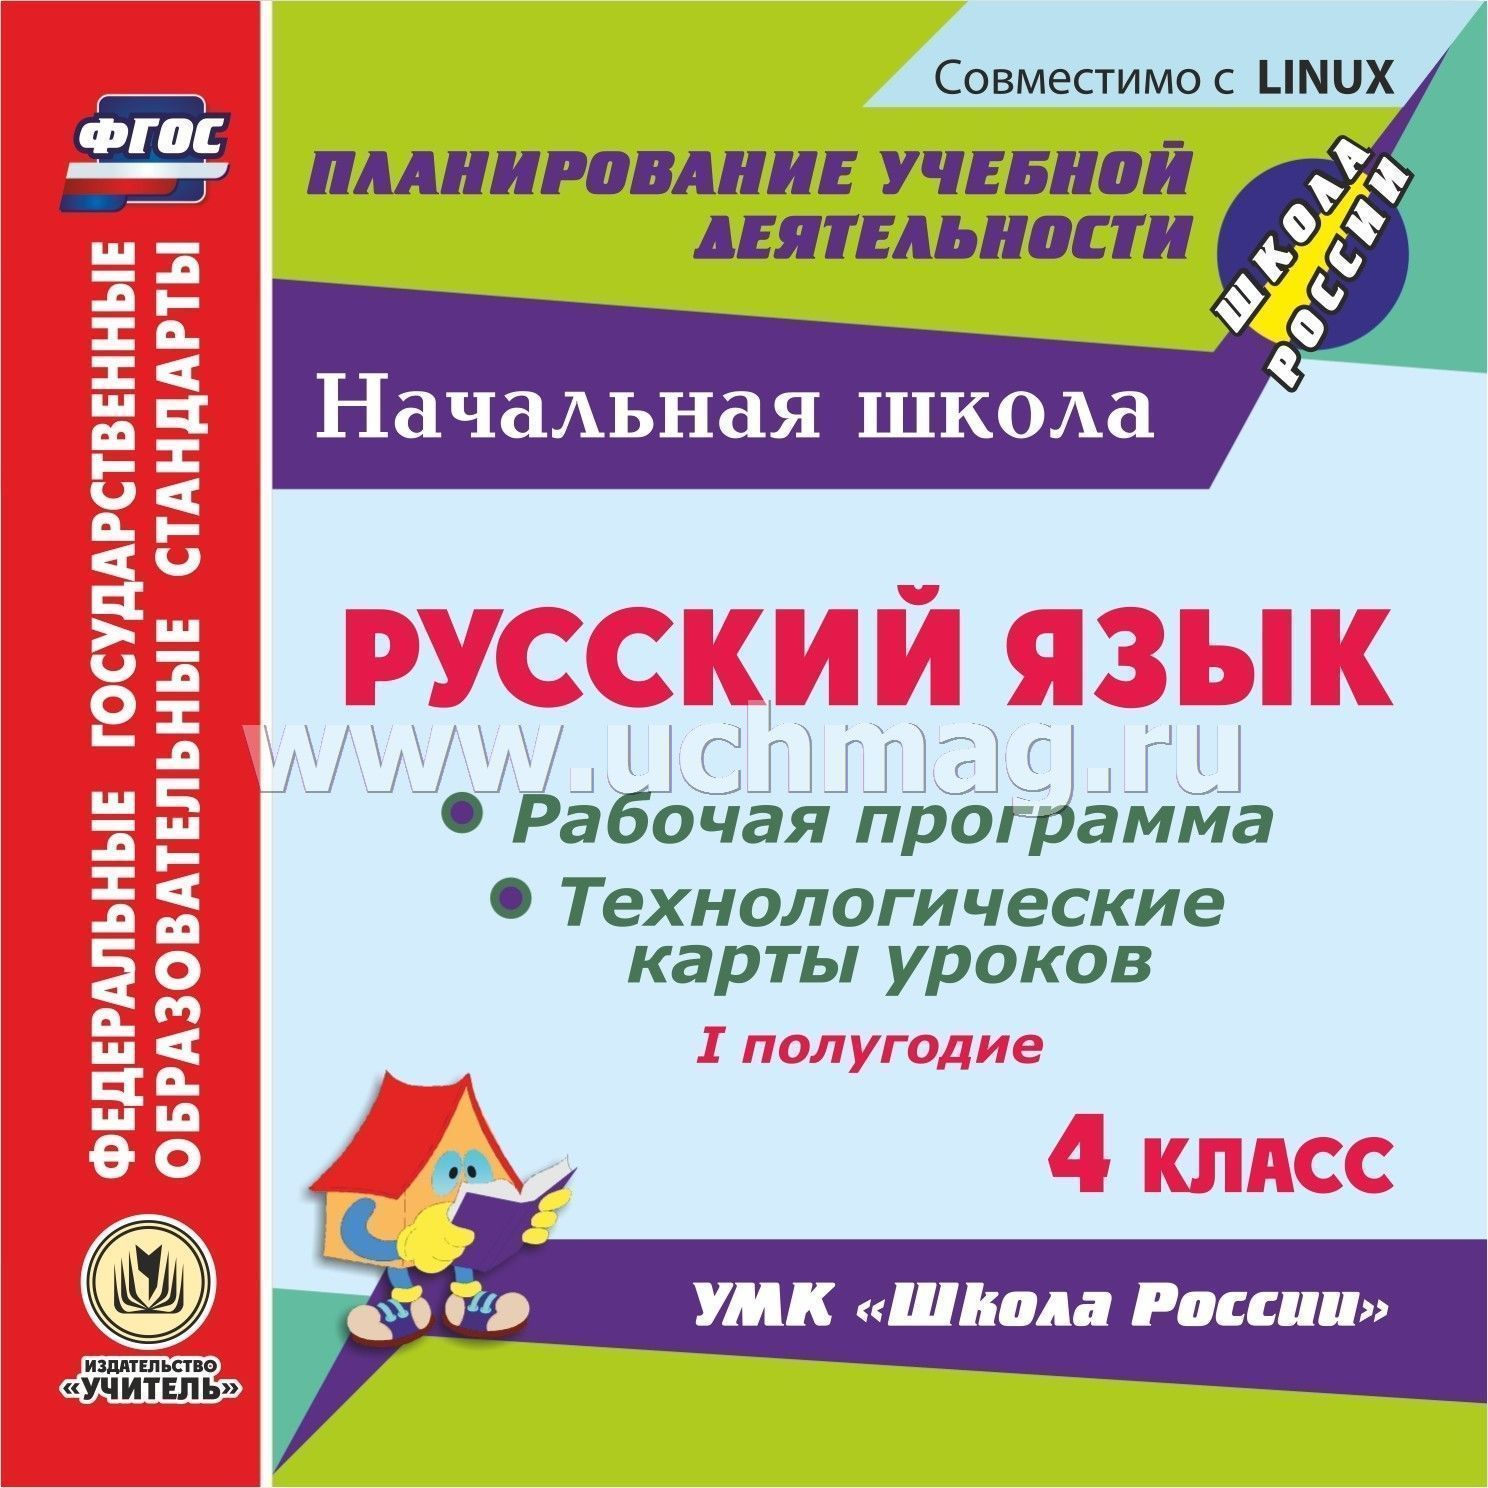 Рабоч тематическая программа по русскомуязыку 4кл школа россии